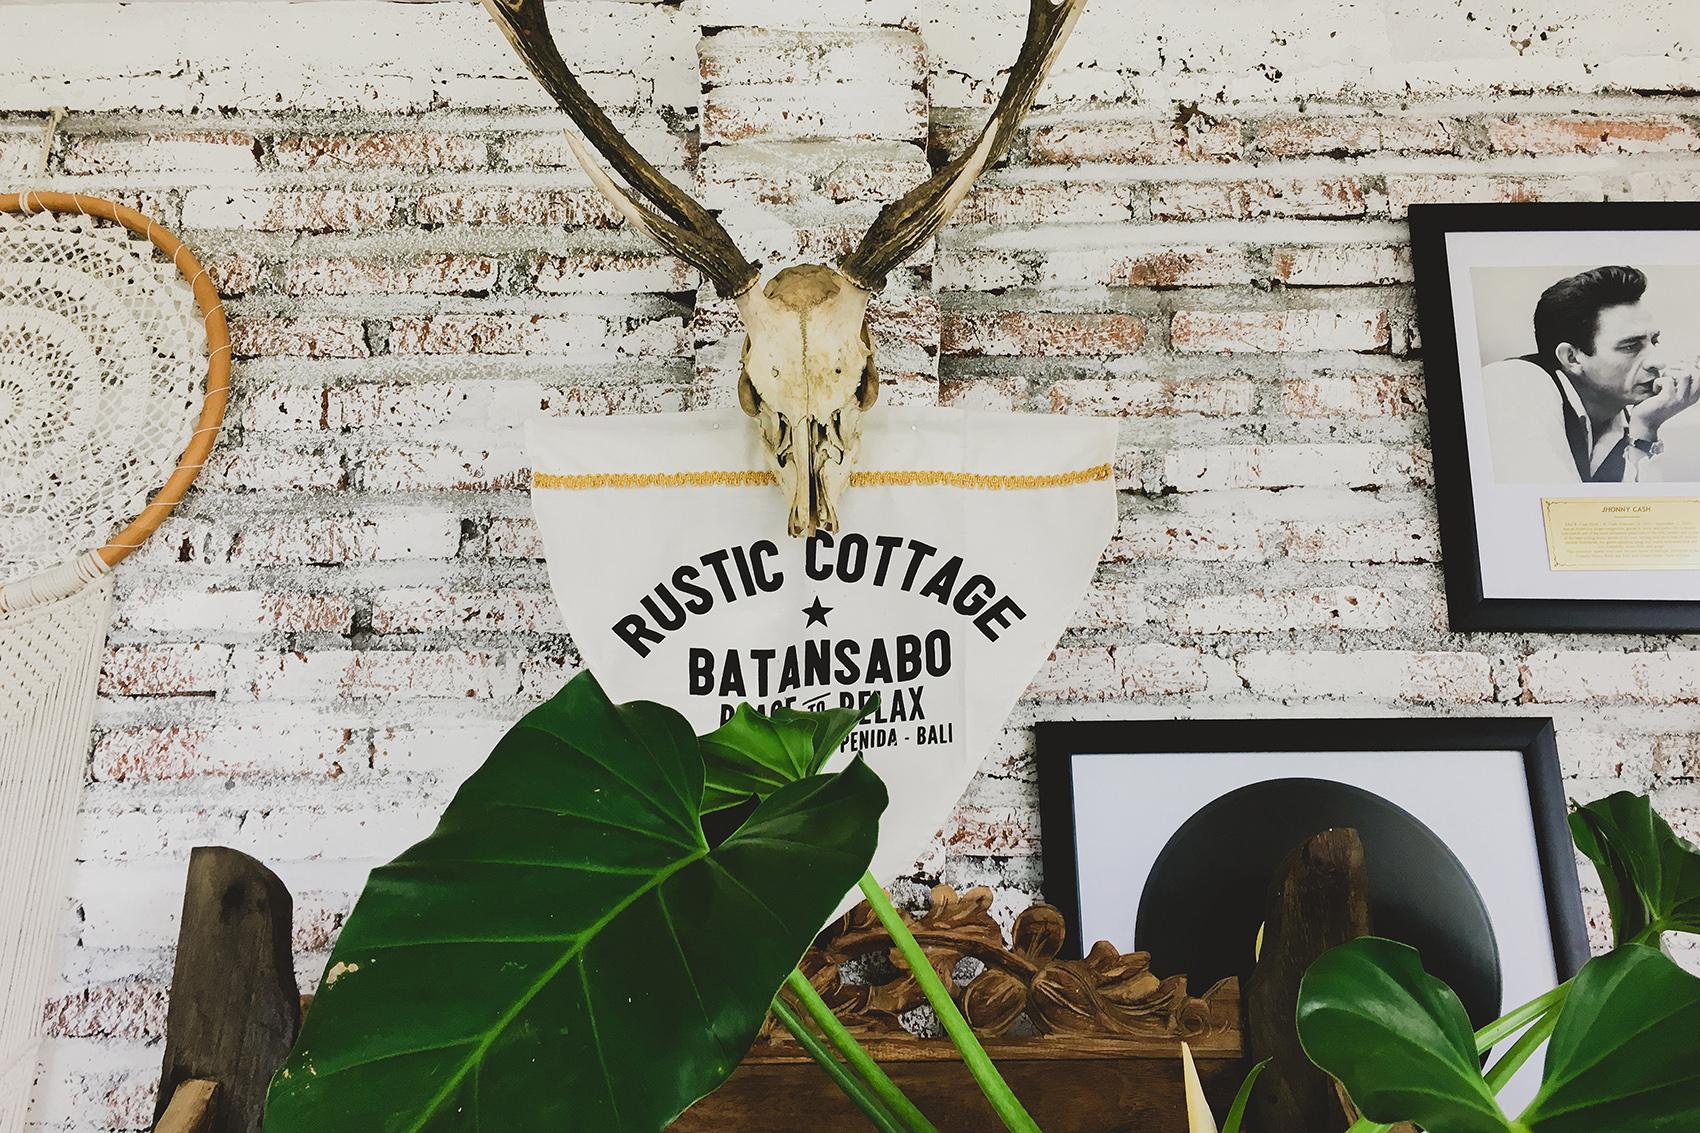 batansabocottage-nusapenidahotels-10placetovisitwhenyoutraveltobali-kelingkingbeach2